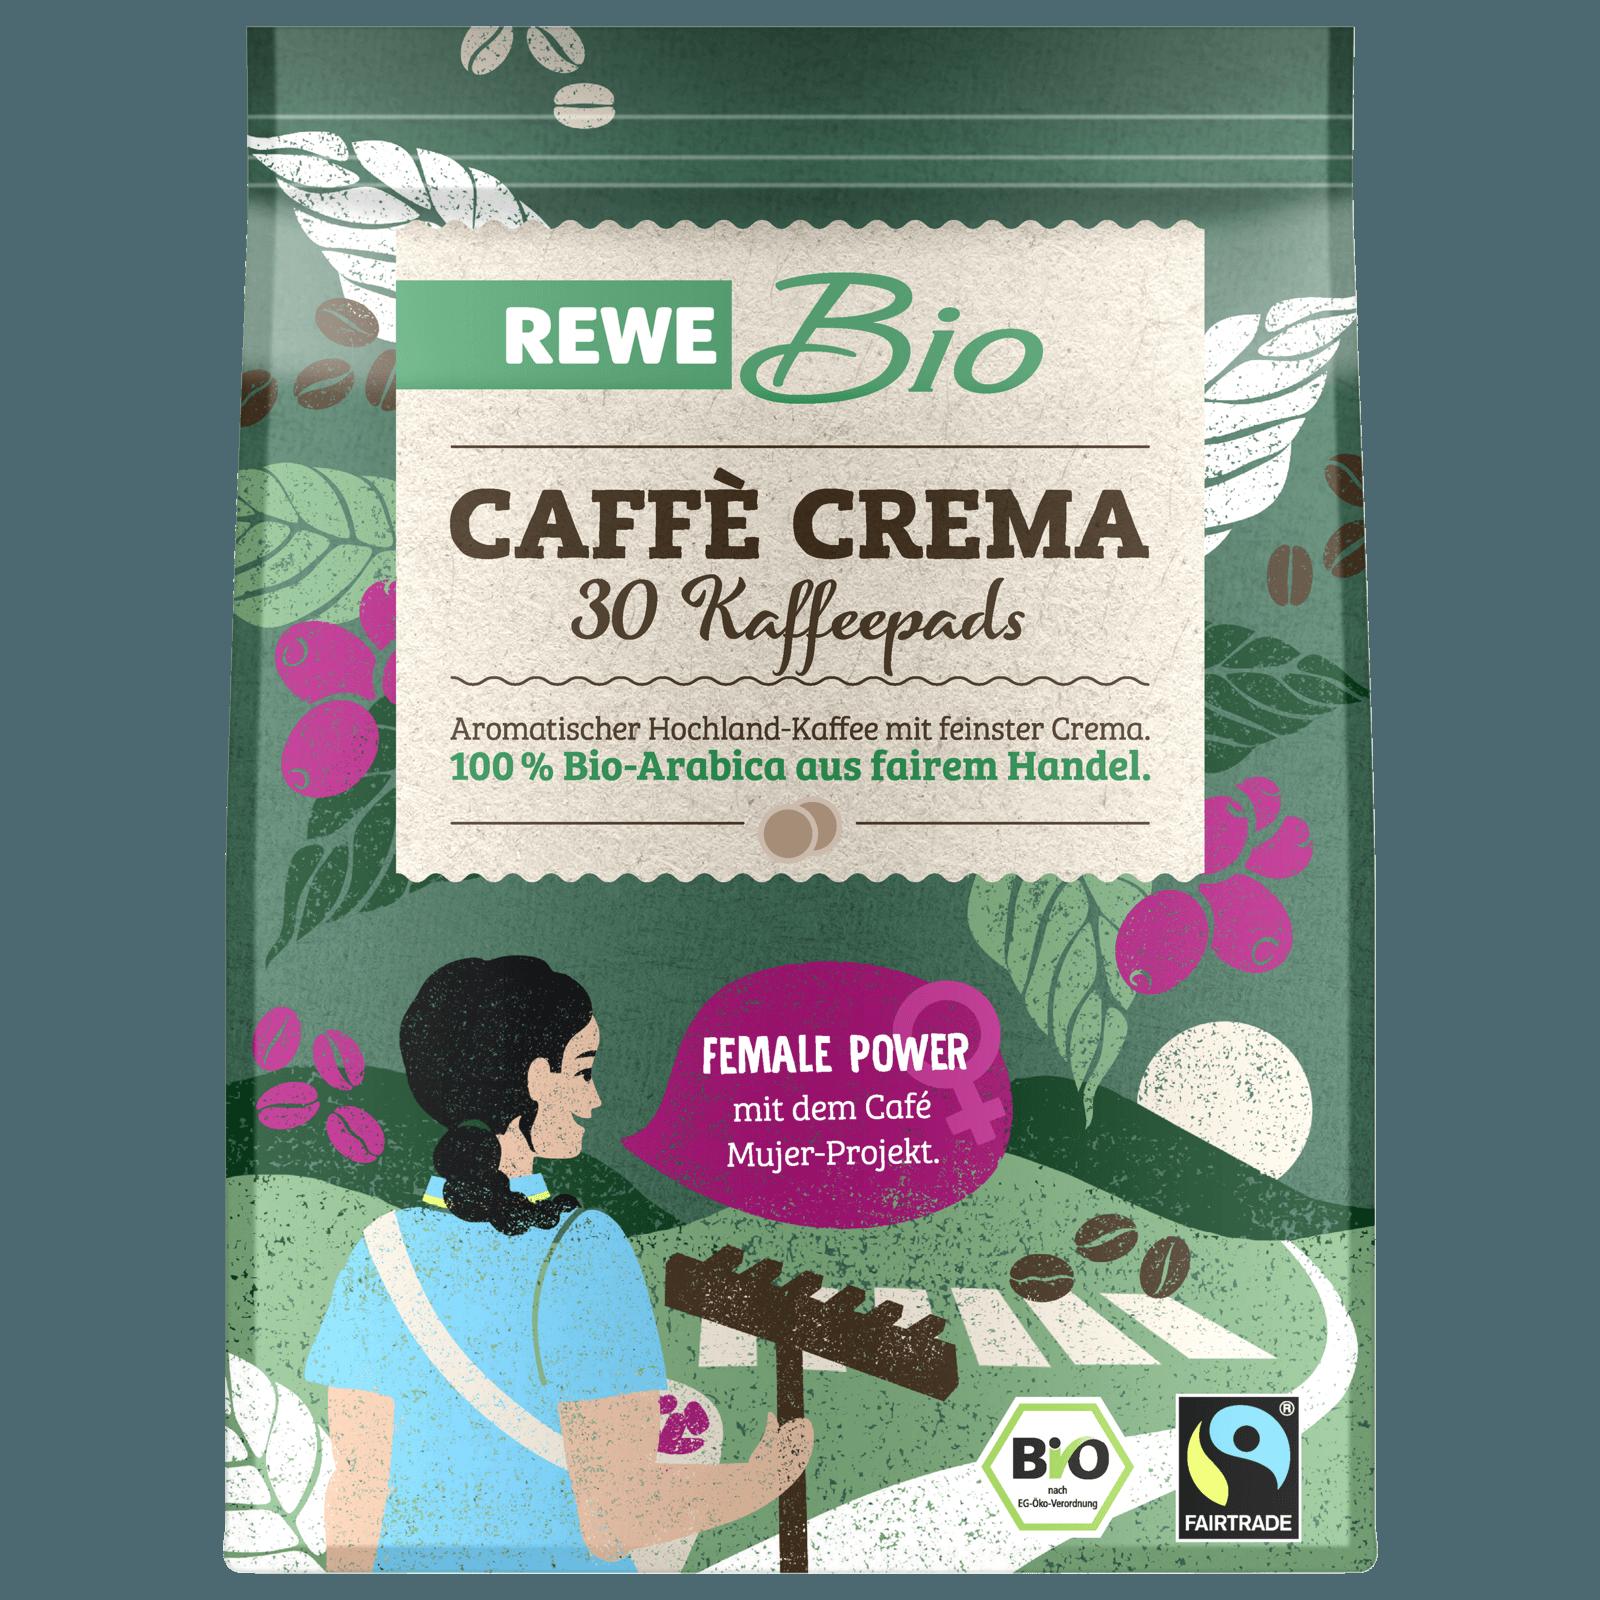 Rewe Bio Caffe Crema 219g 30 Pads Bei Rewe Online Bestellen